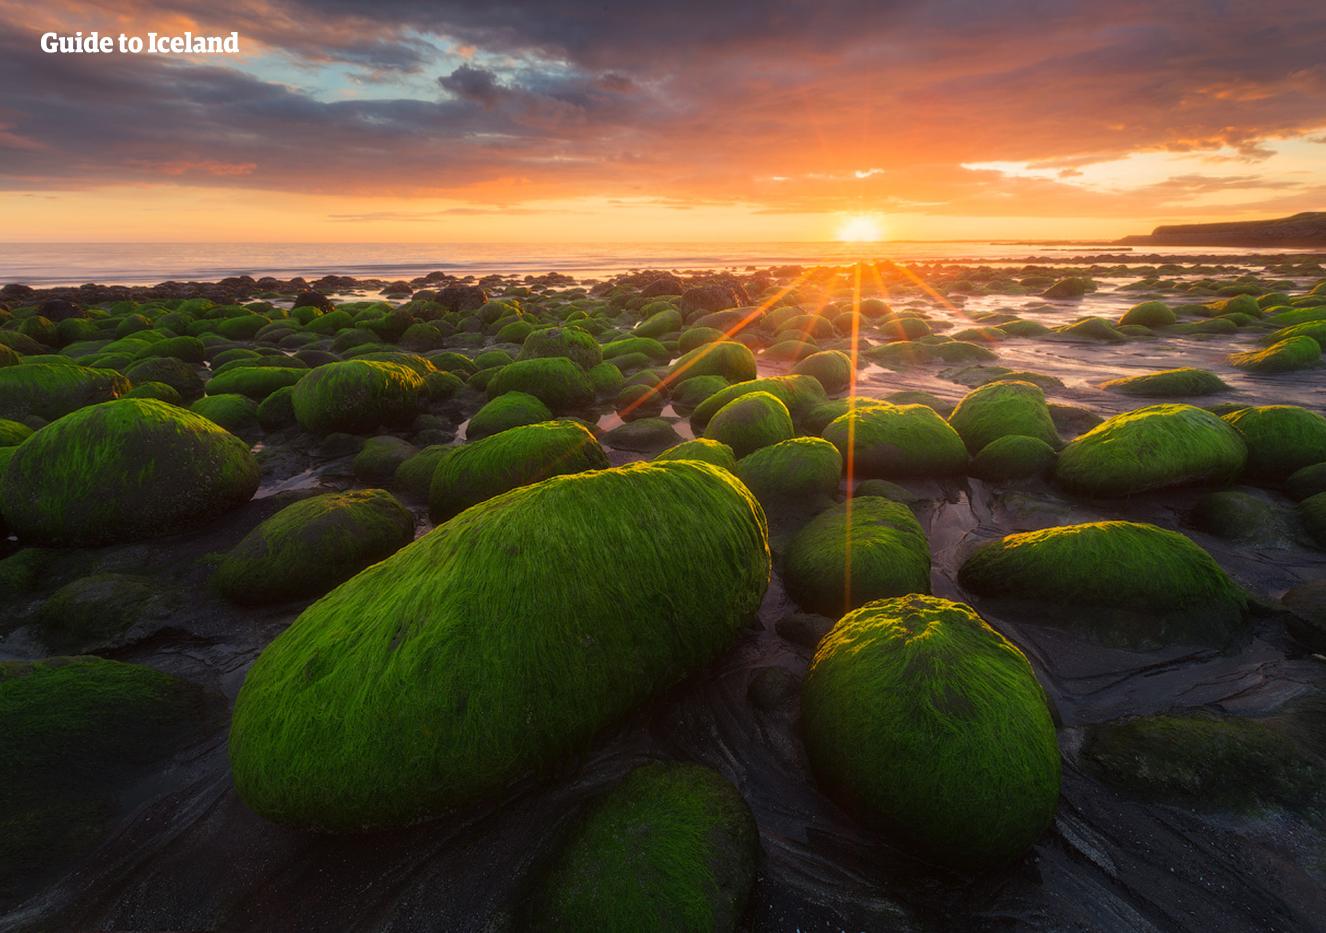 Het schiereiland Reykjanes staat bekend om zijn adembenemende natuurlijke schoonheid.